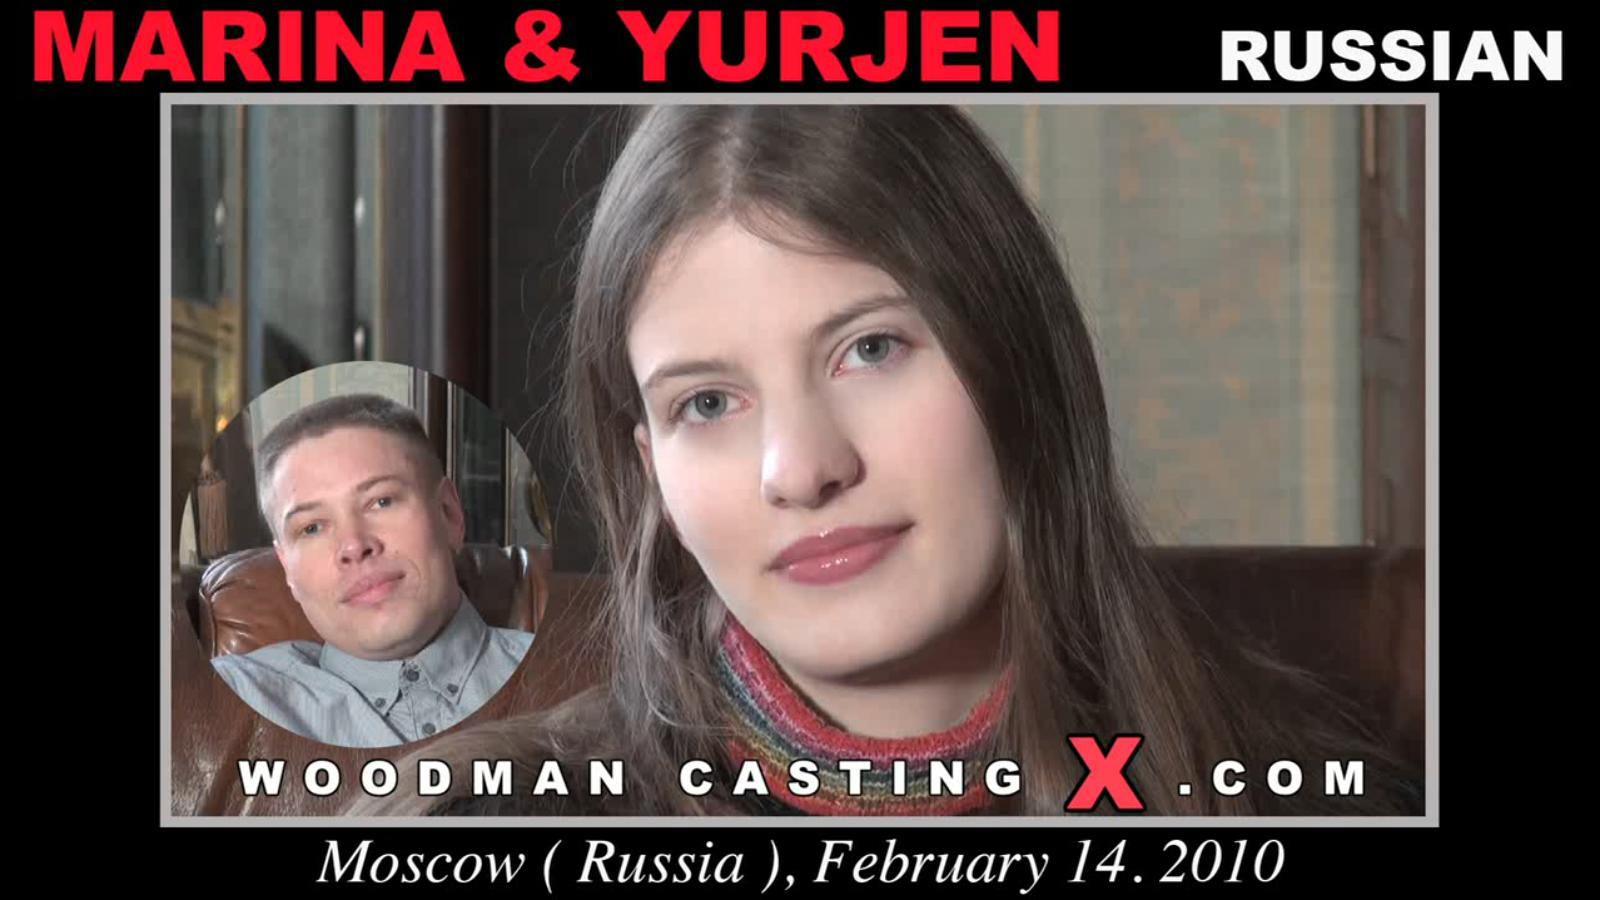 woodman casting x - marina & yurjen | textoscivit